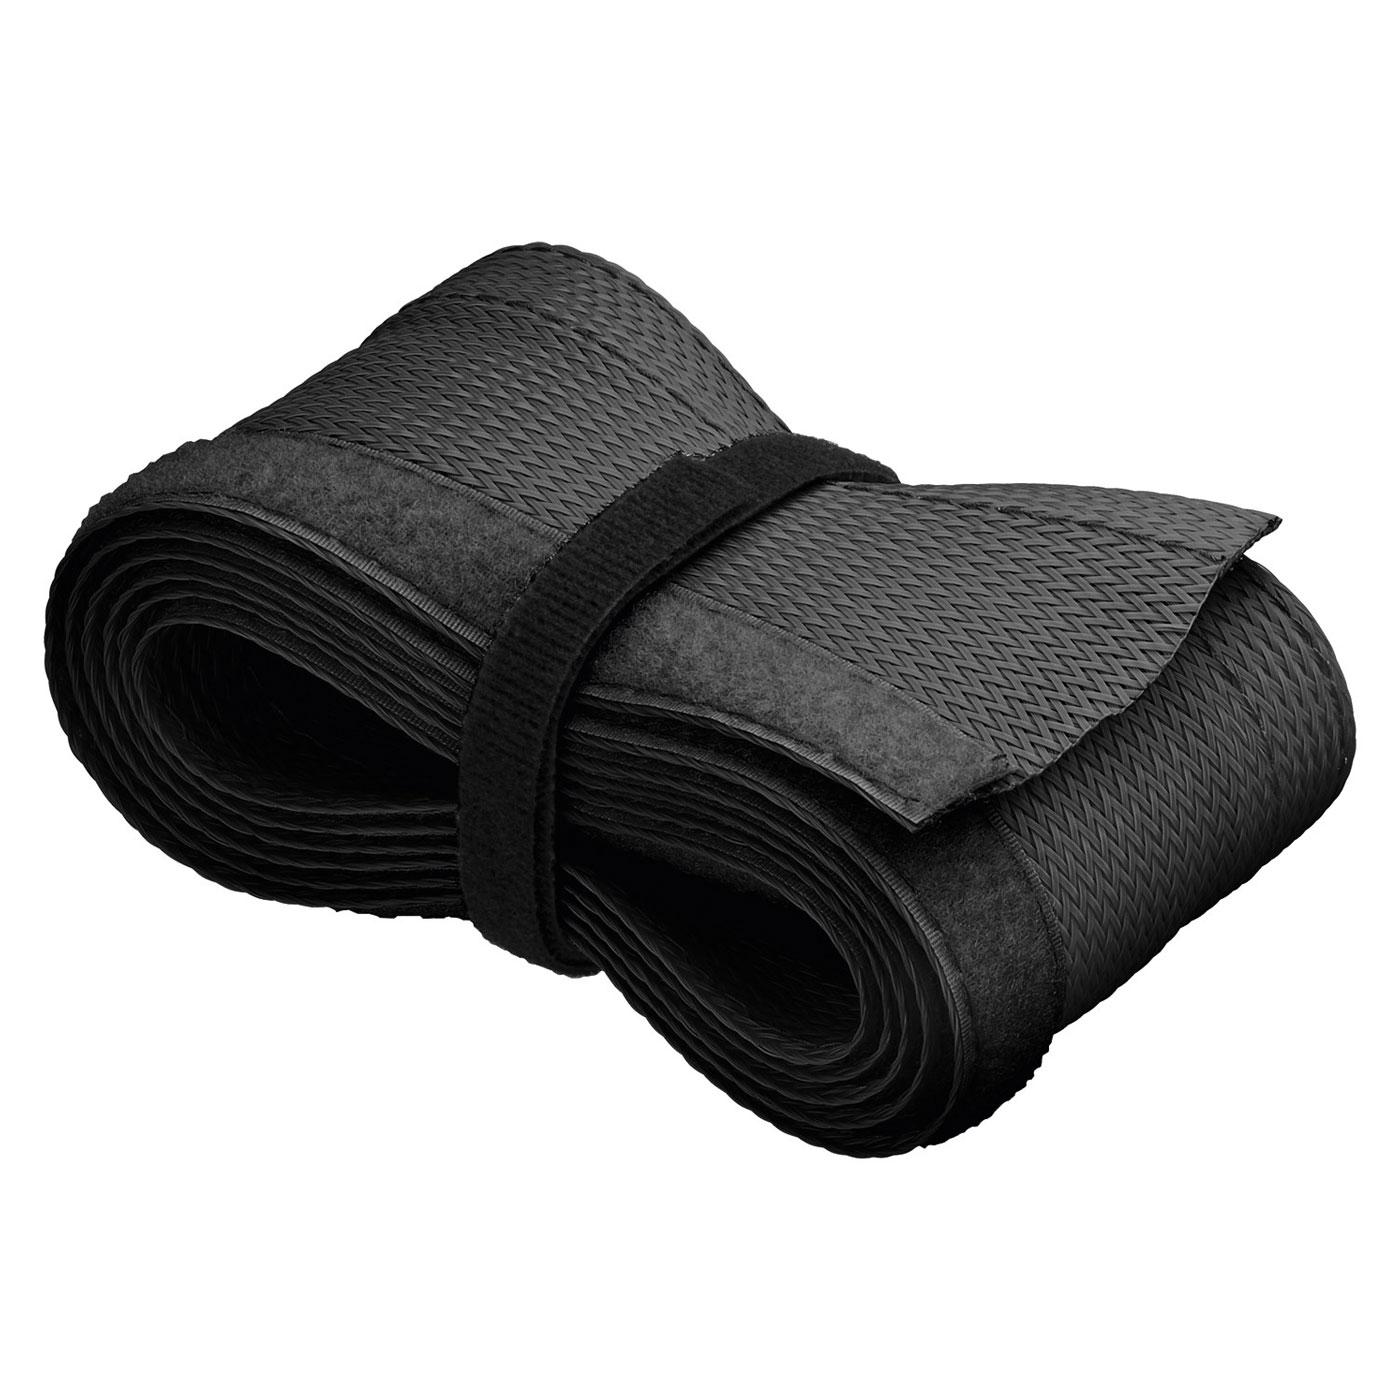 Passe câble Goobay WireSleeve Noir Manchon de câble flexible - 1.8 m